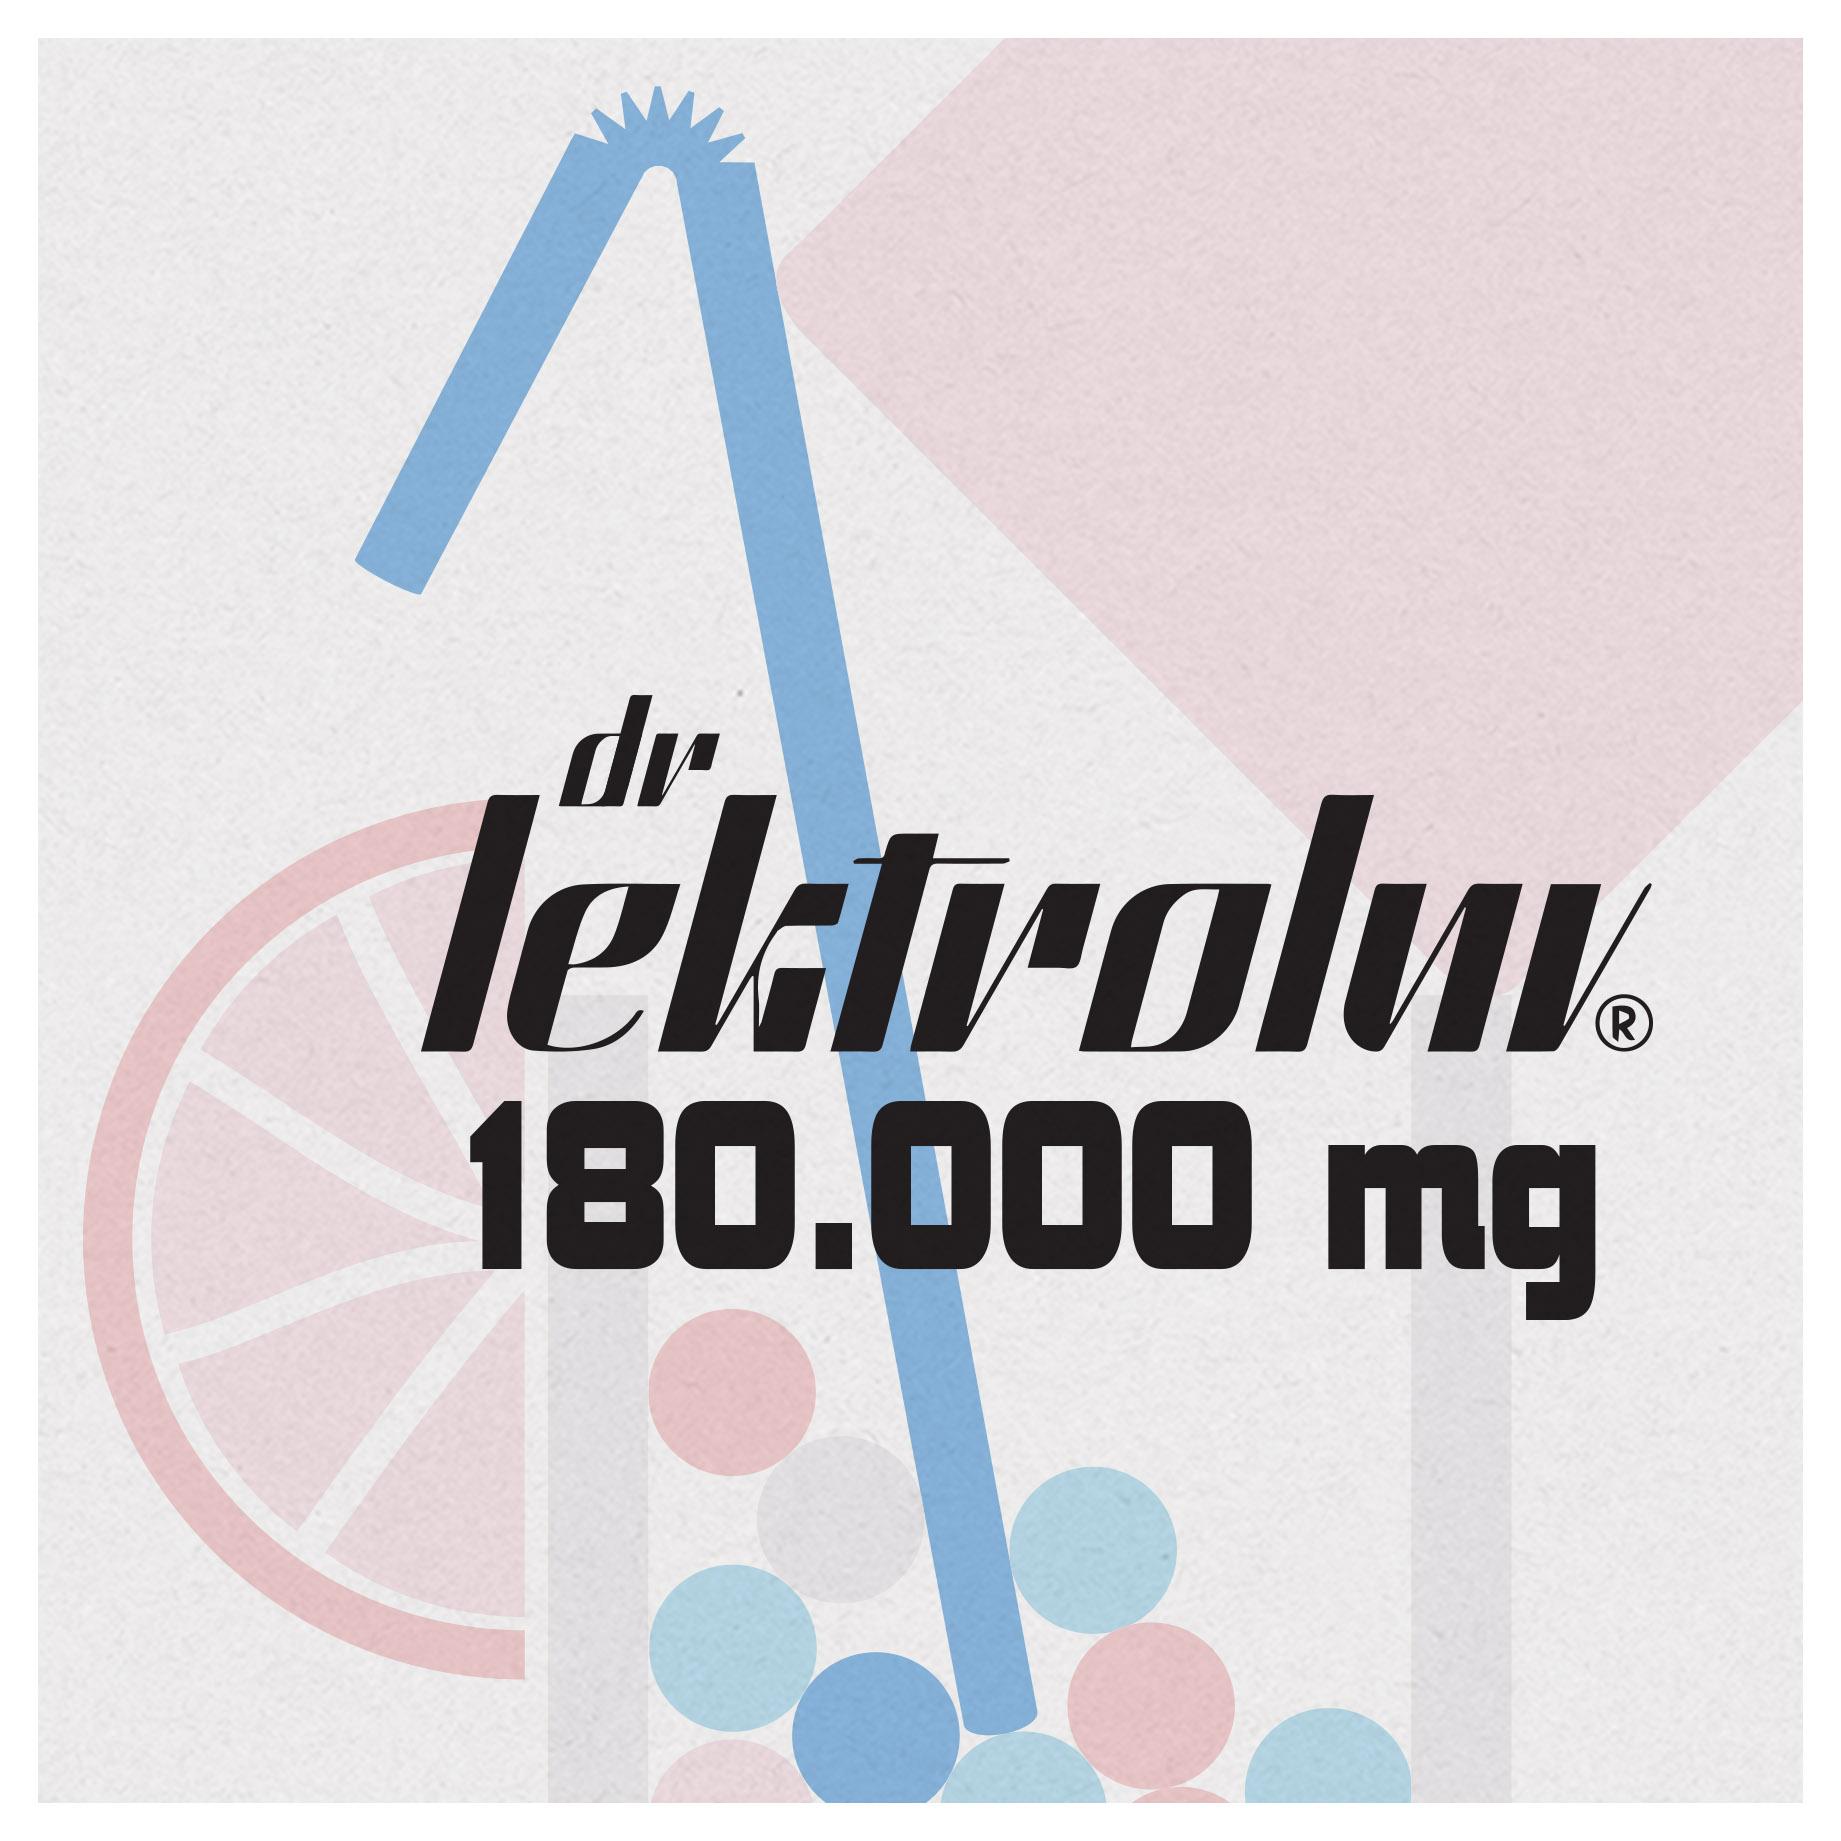 lektroluv vinyl presentation zoom.jpg